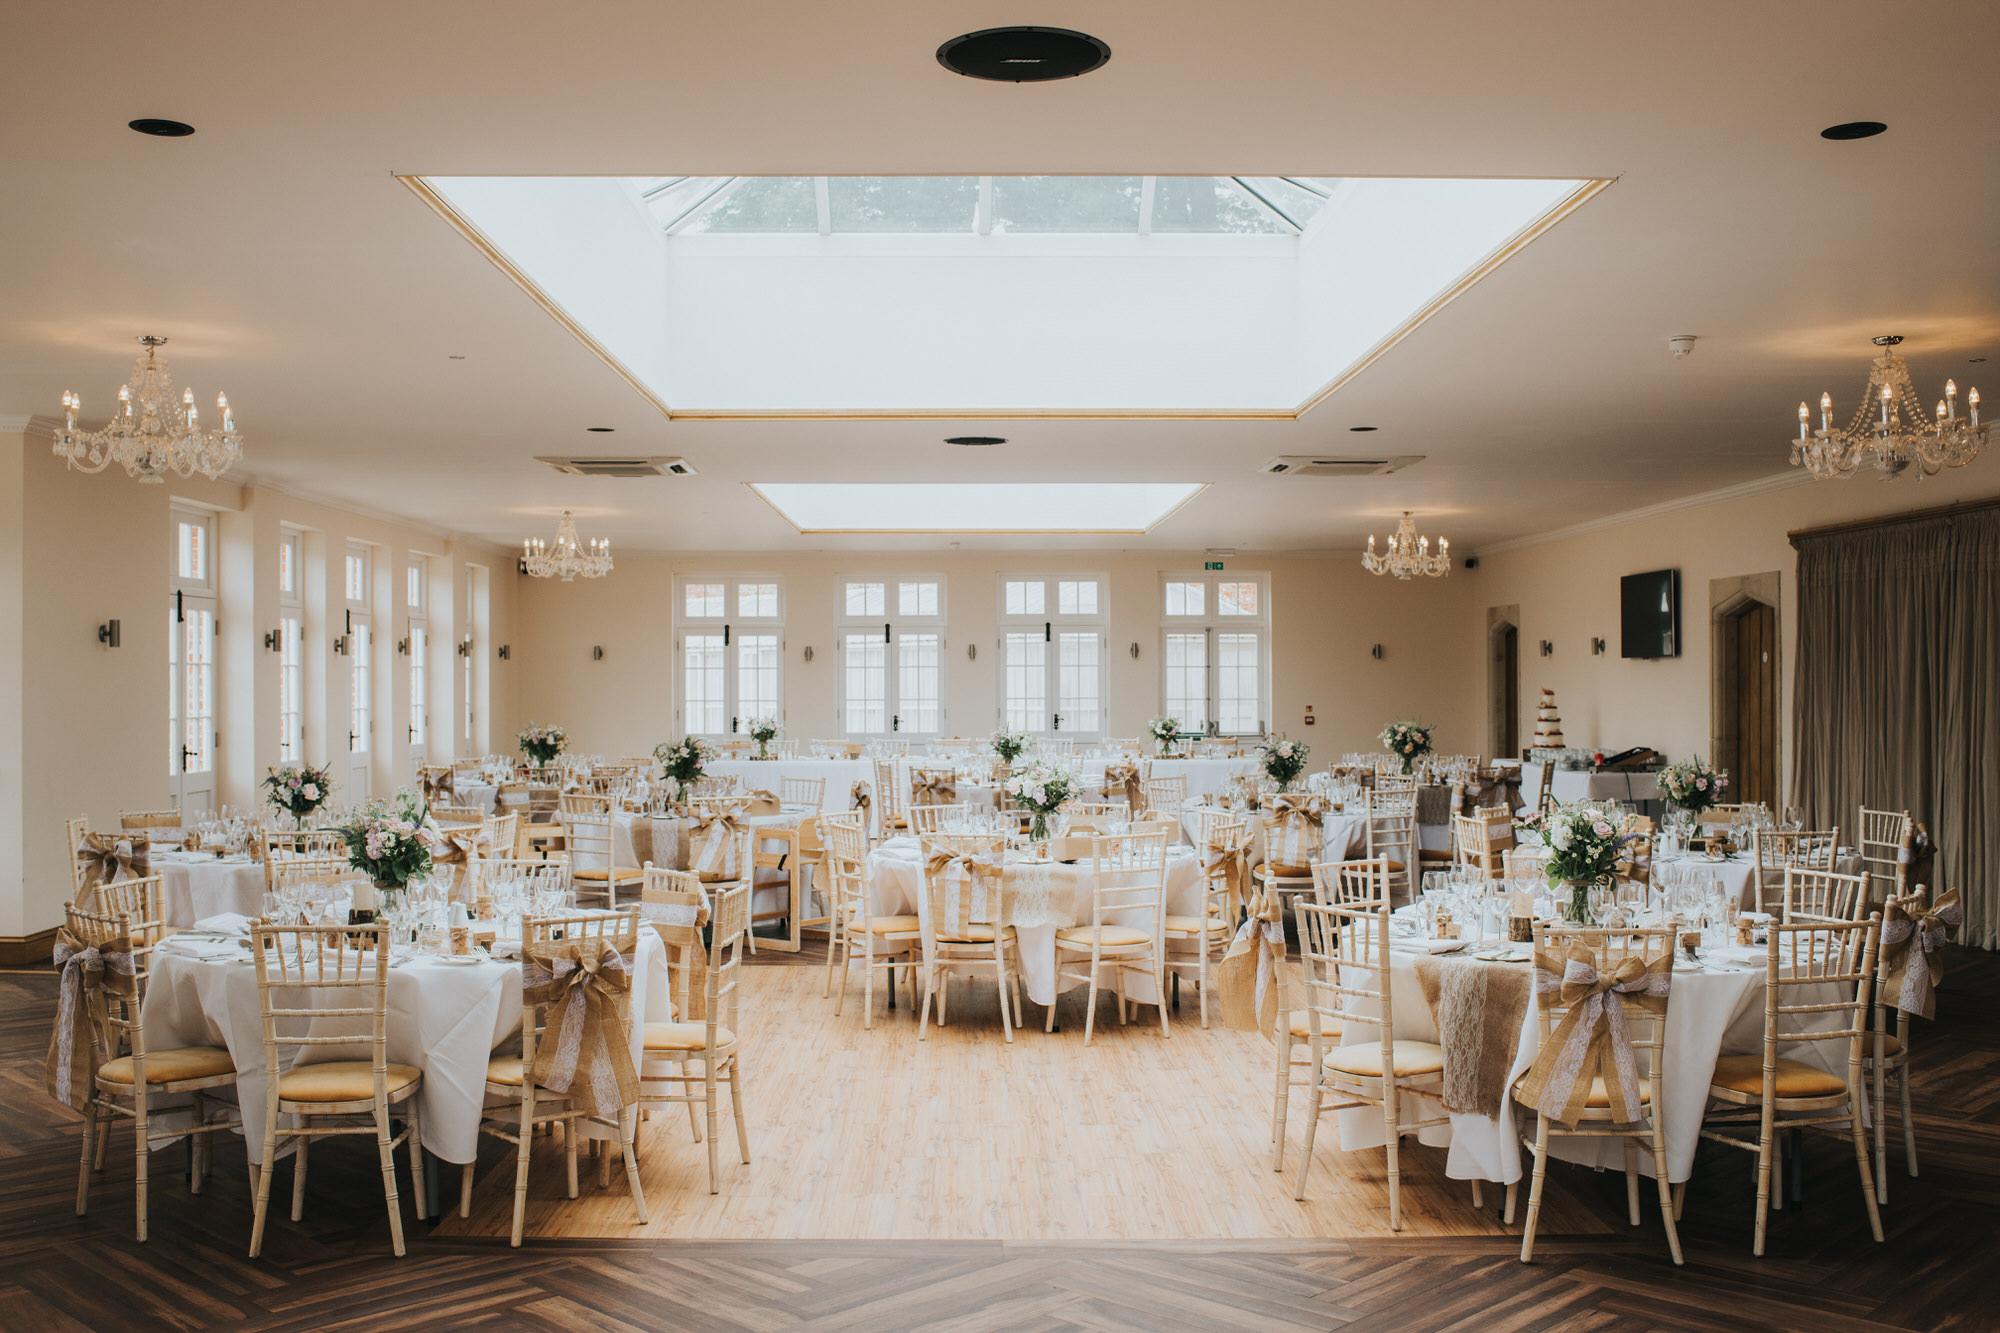 Elmhay Park dining room